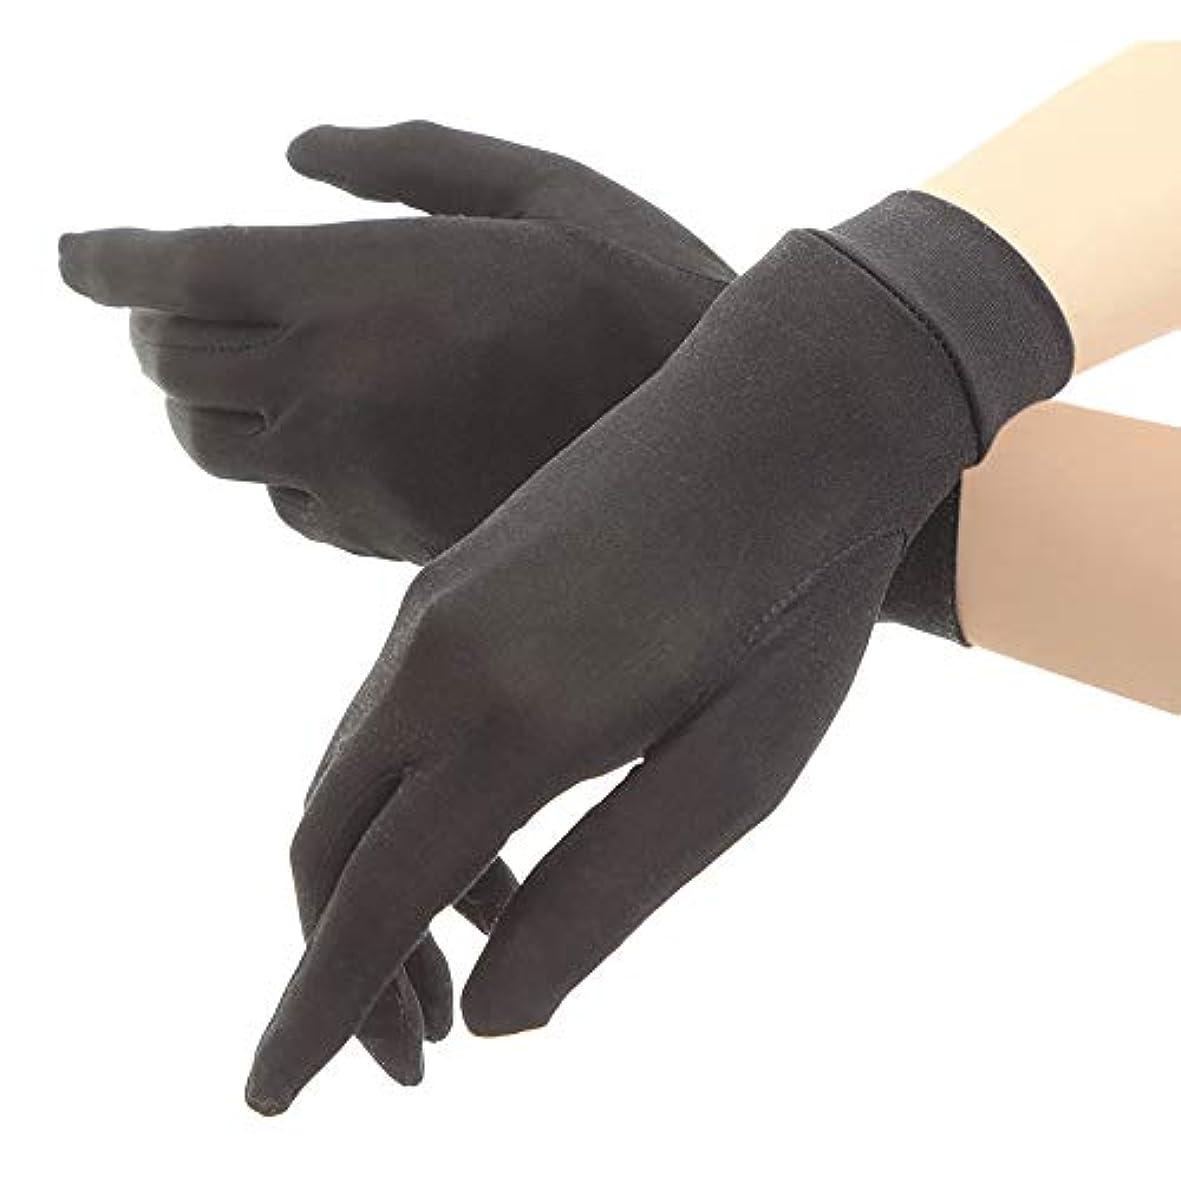 瞑想お手入れ許可シルク手袋 レディース 手袋 シルク 絹 ハンド ケア 保湿 紫外線 肌荒れ 乾燥 サイズアップで手指にマッチ 【macch】